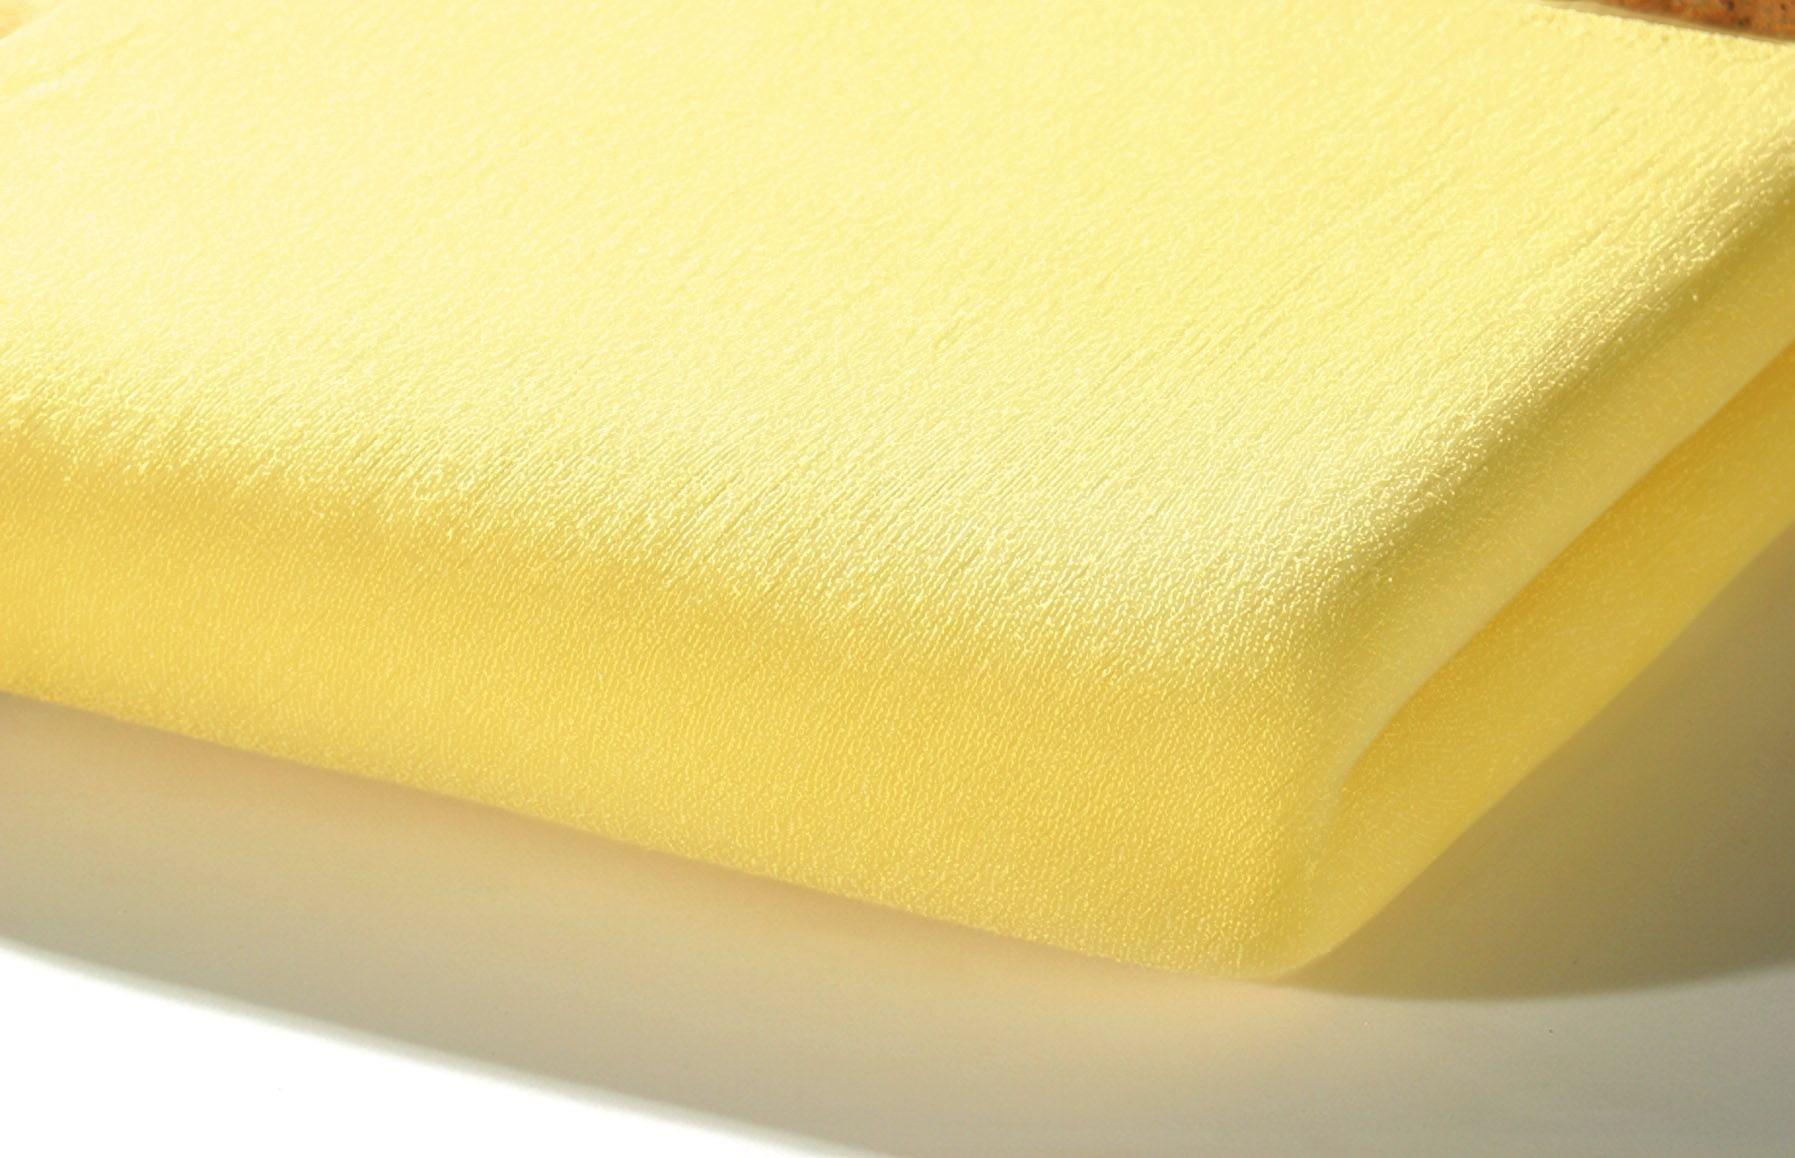 Alvi Spannlaken Jersey Tencel 40x90 cm